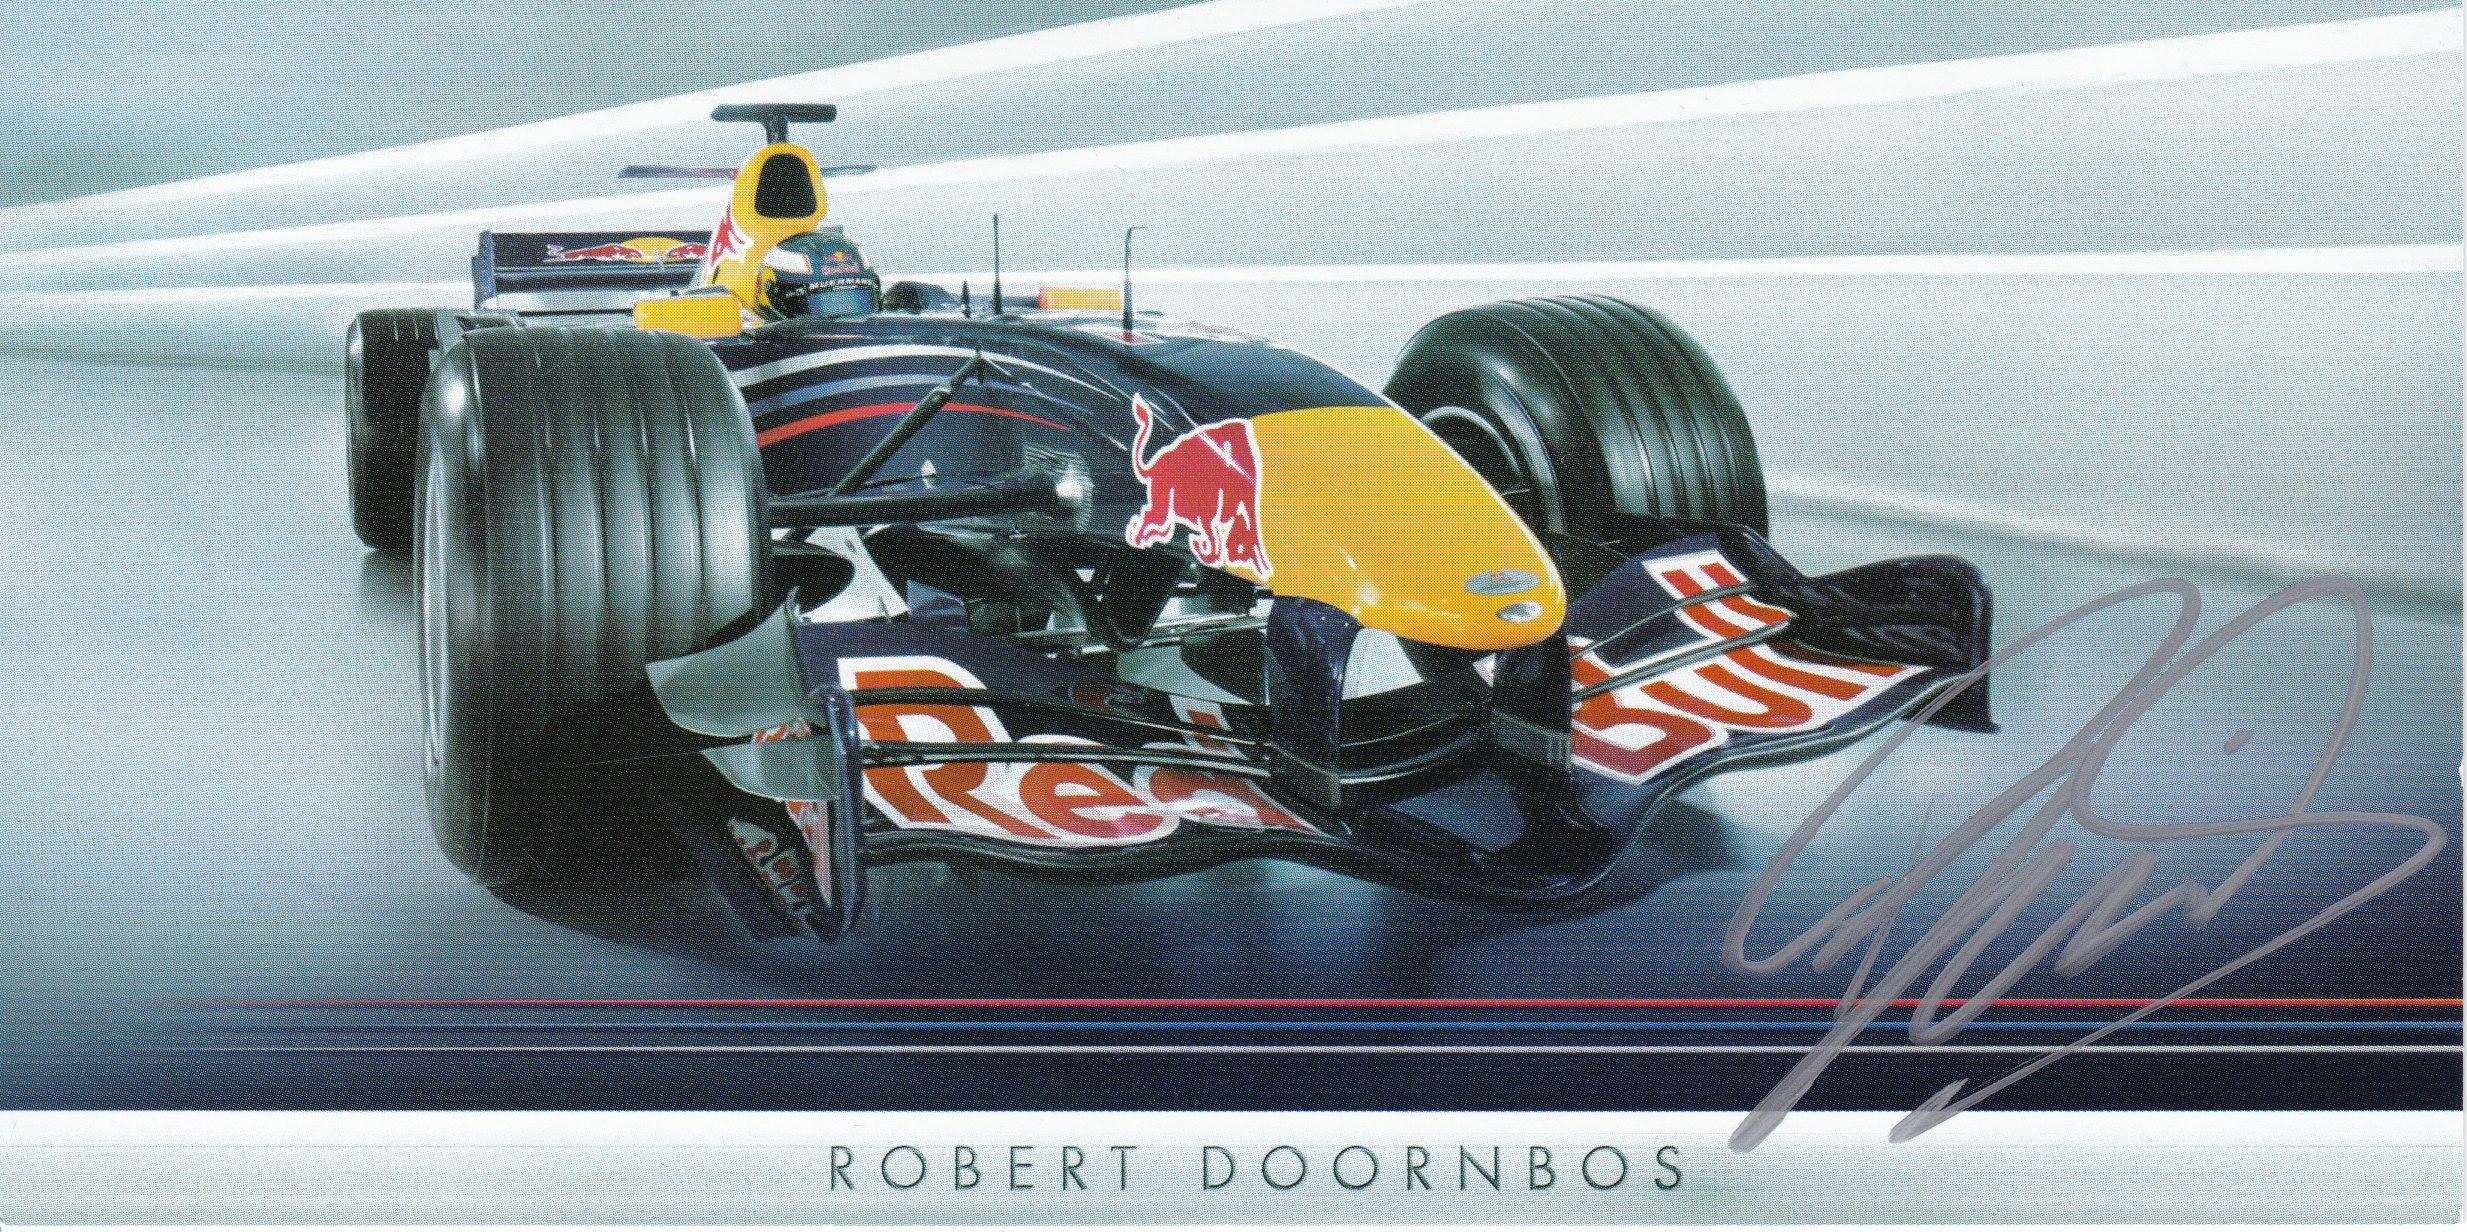 Robert Doornbos Red Bull Racing 2006